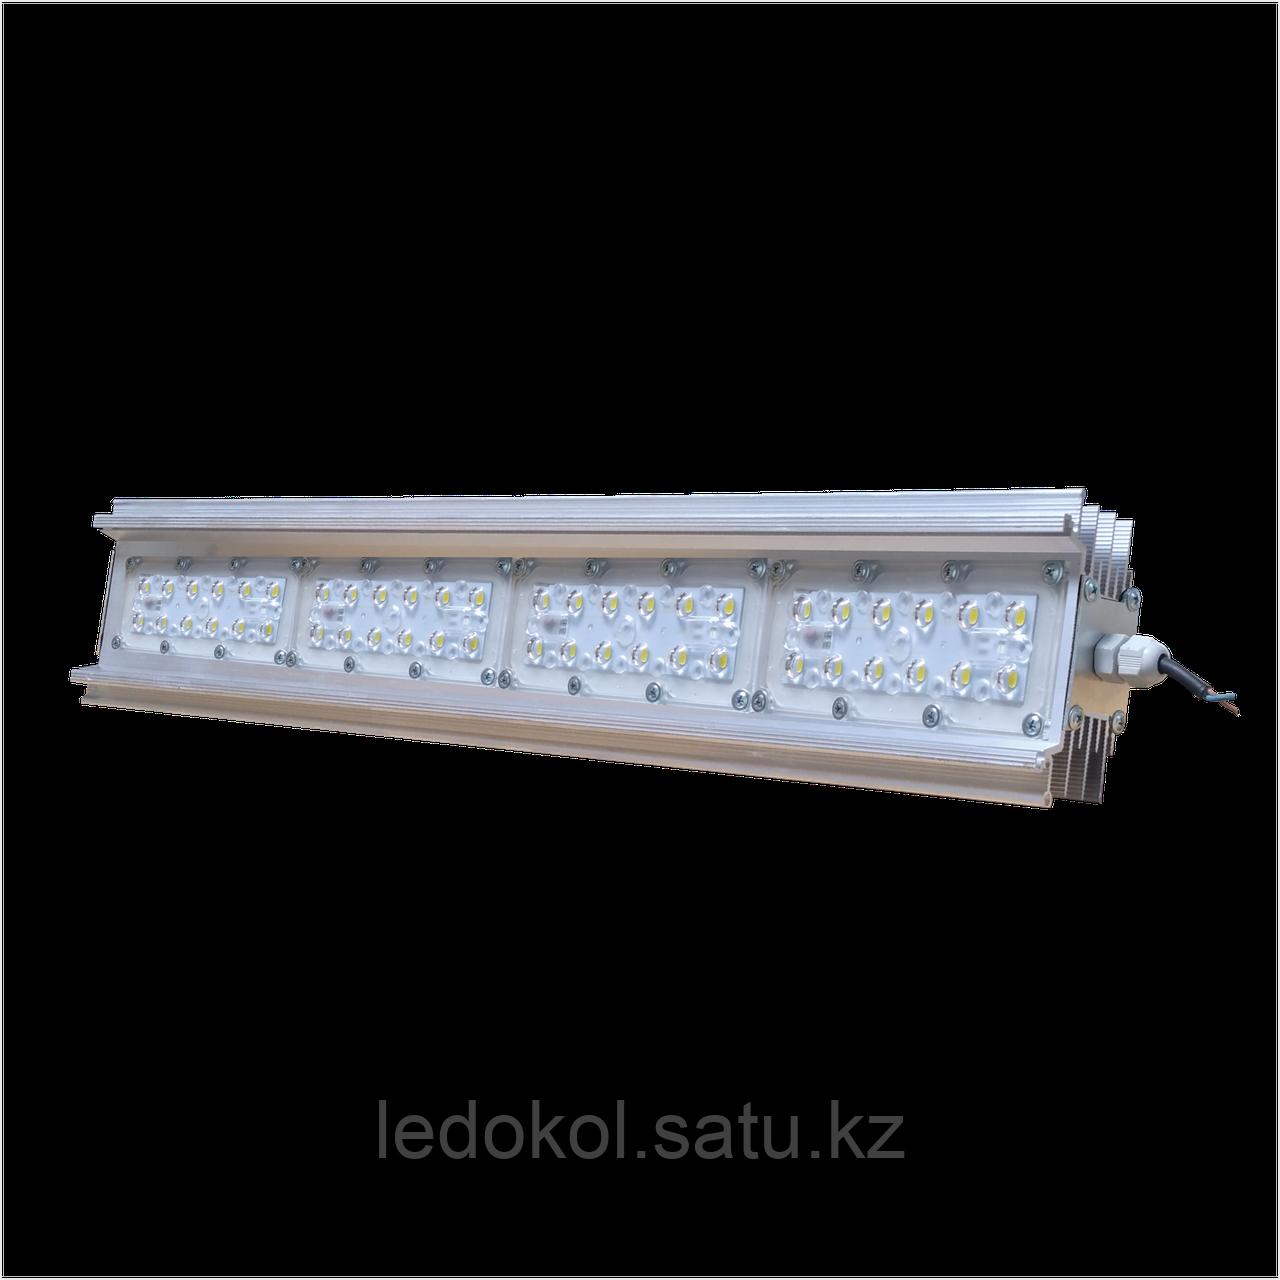 Светильник 200 Вт Диммируемый светодиодный серии Суприм ПРО